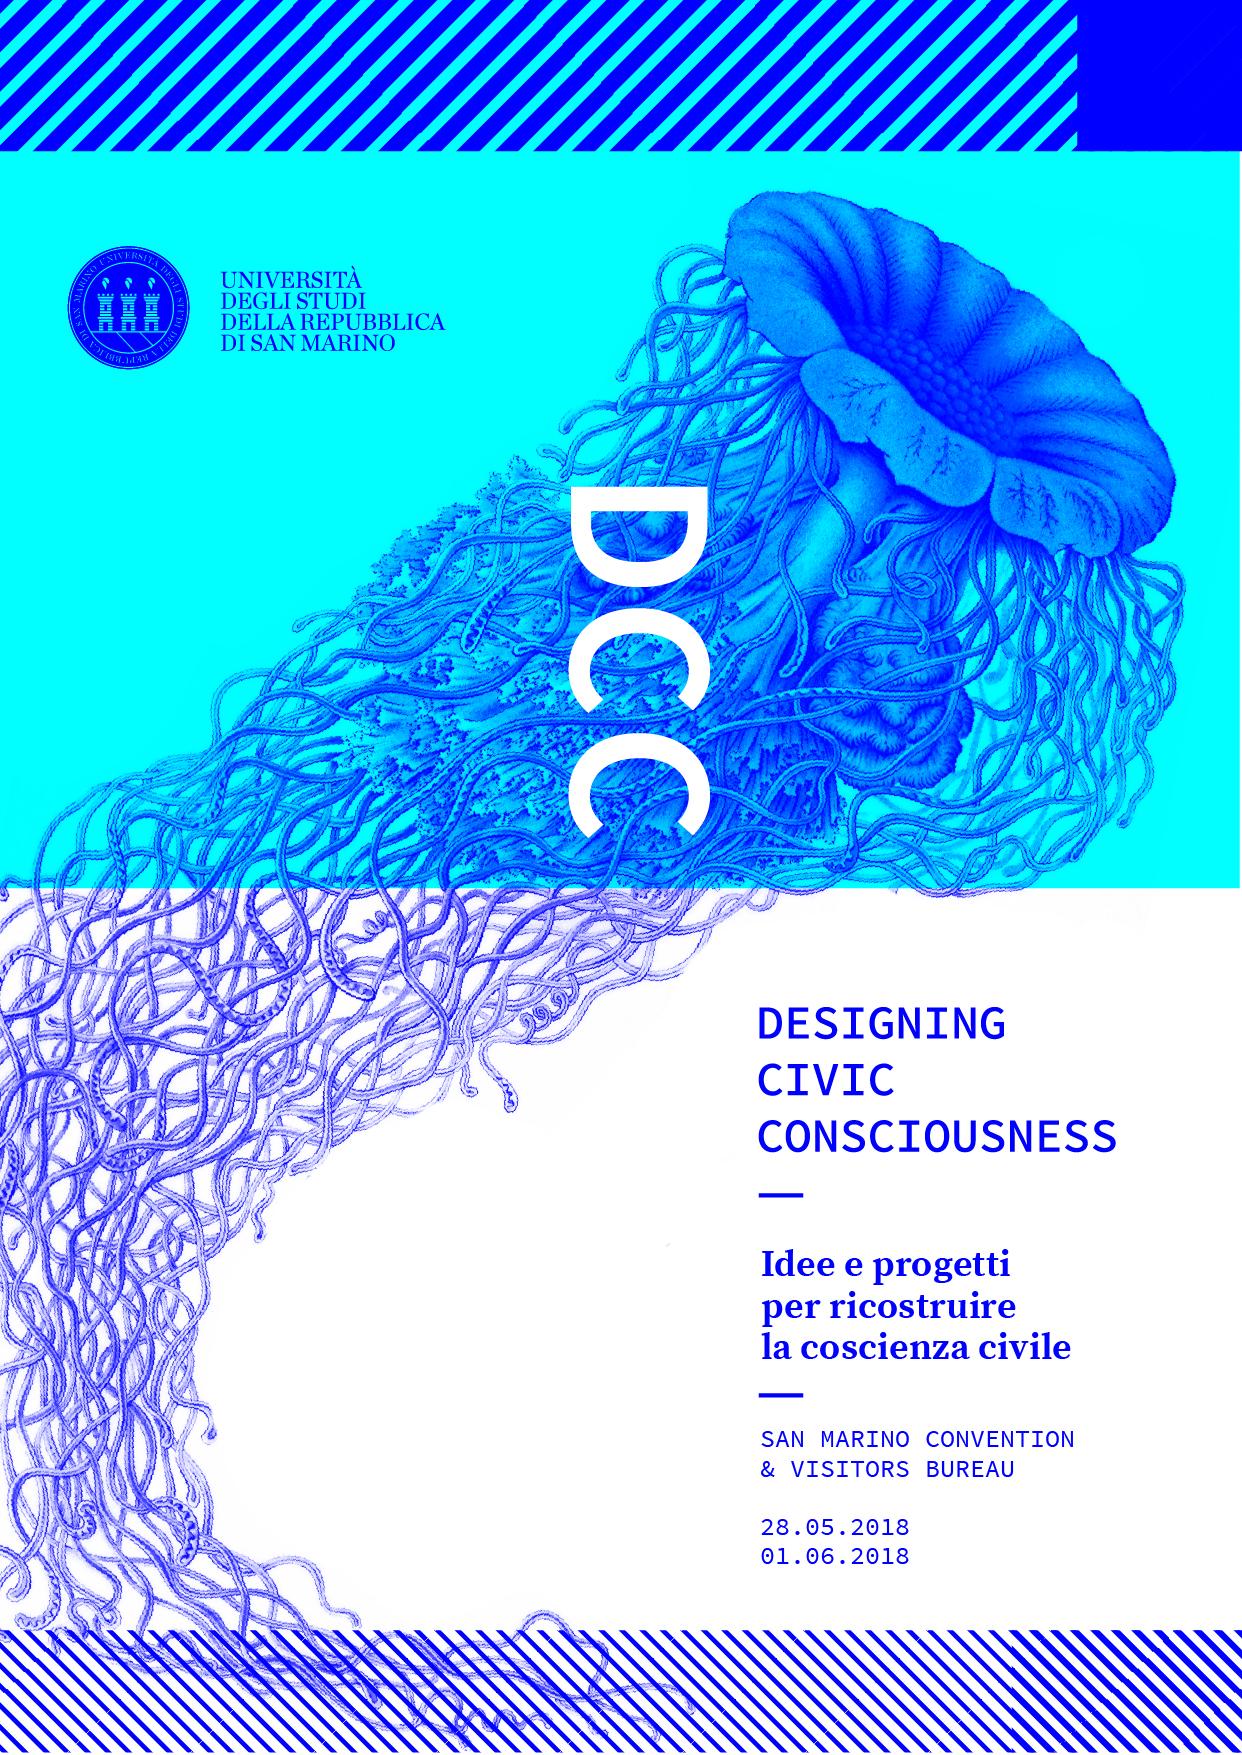 Designing Civic Consciousness: cinque giorni di conferenze e workshop per ricostruire la coscienza civile